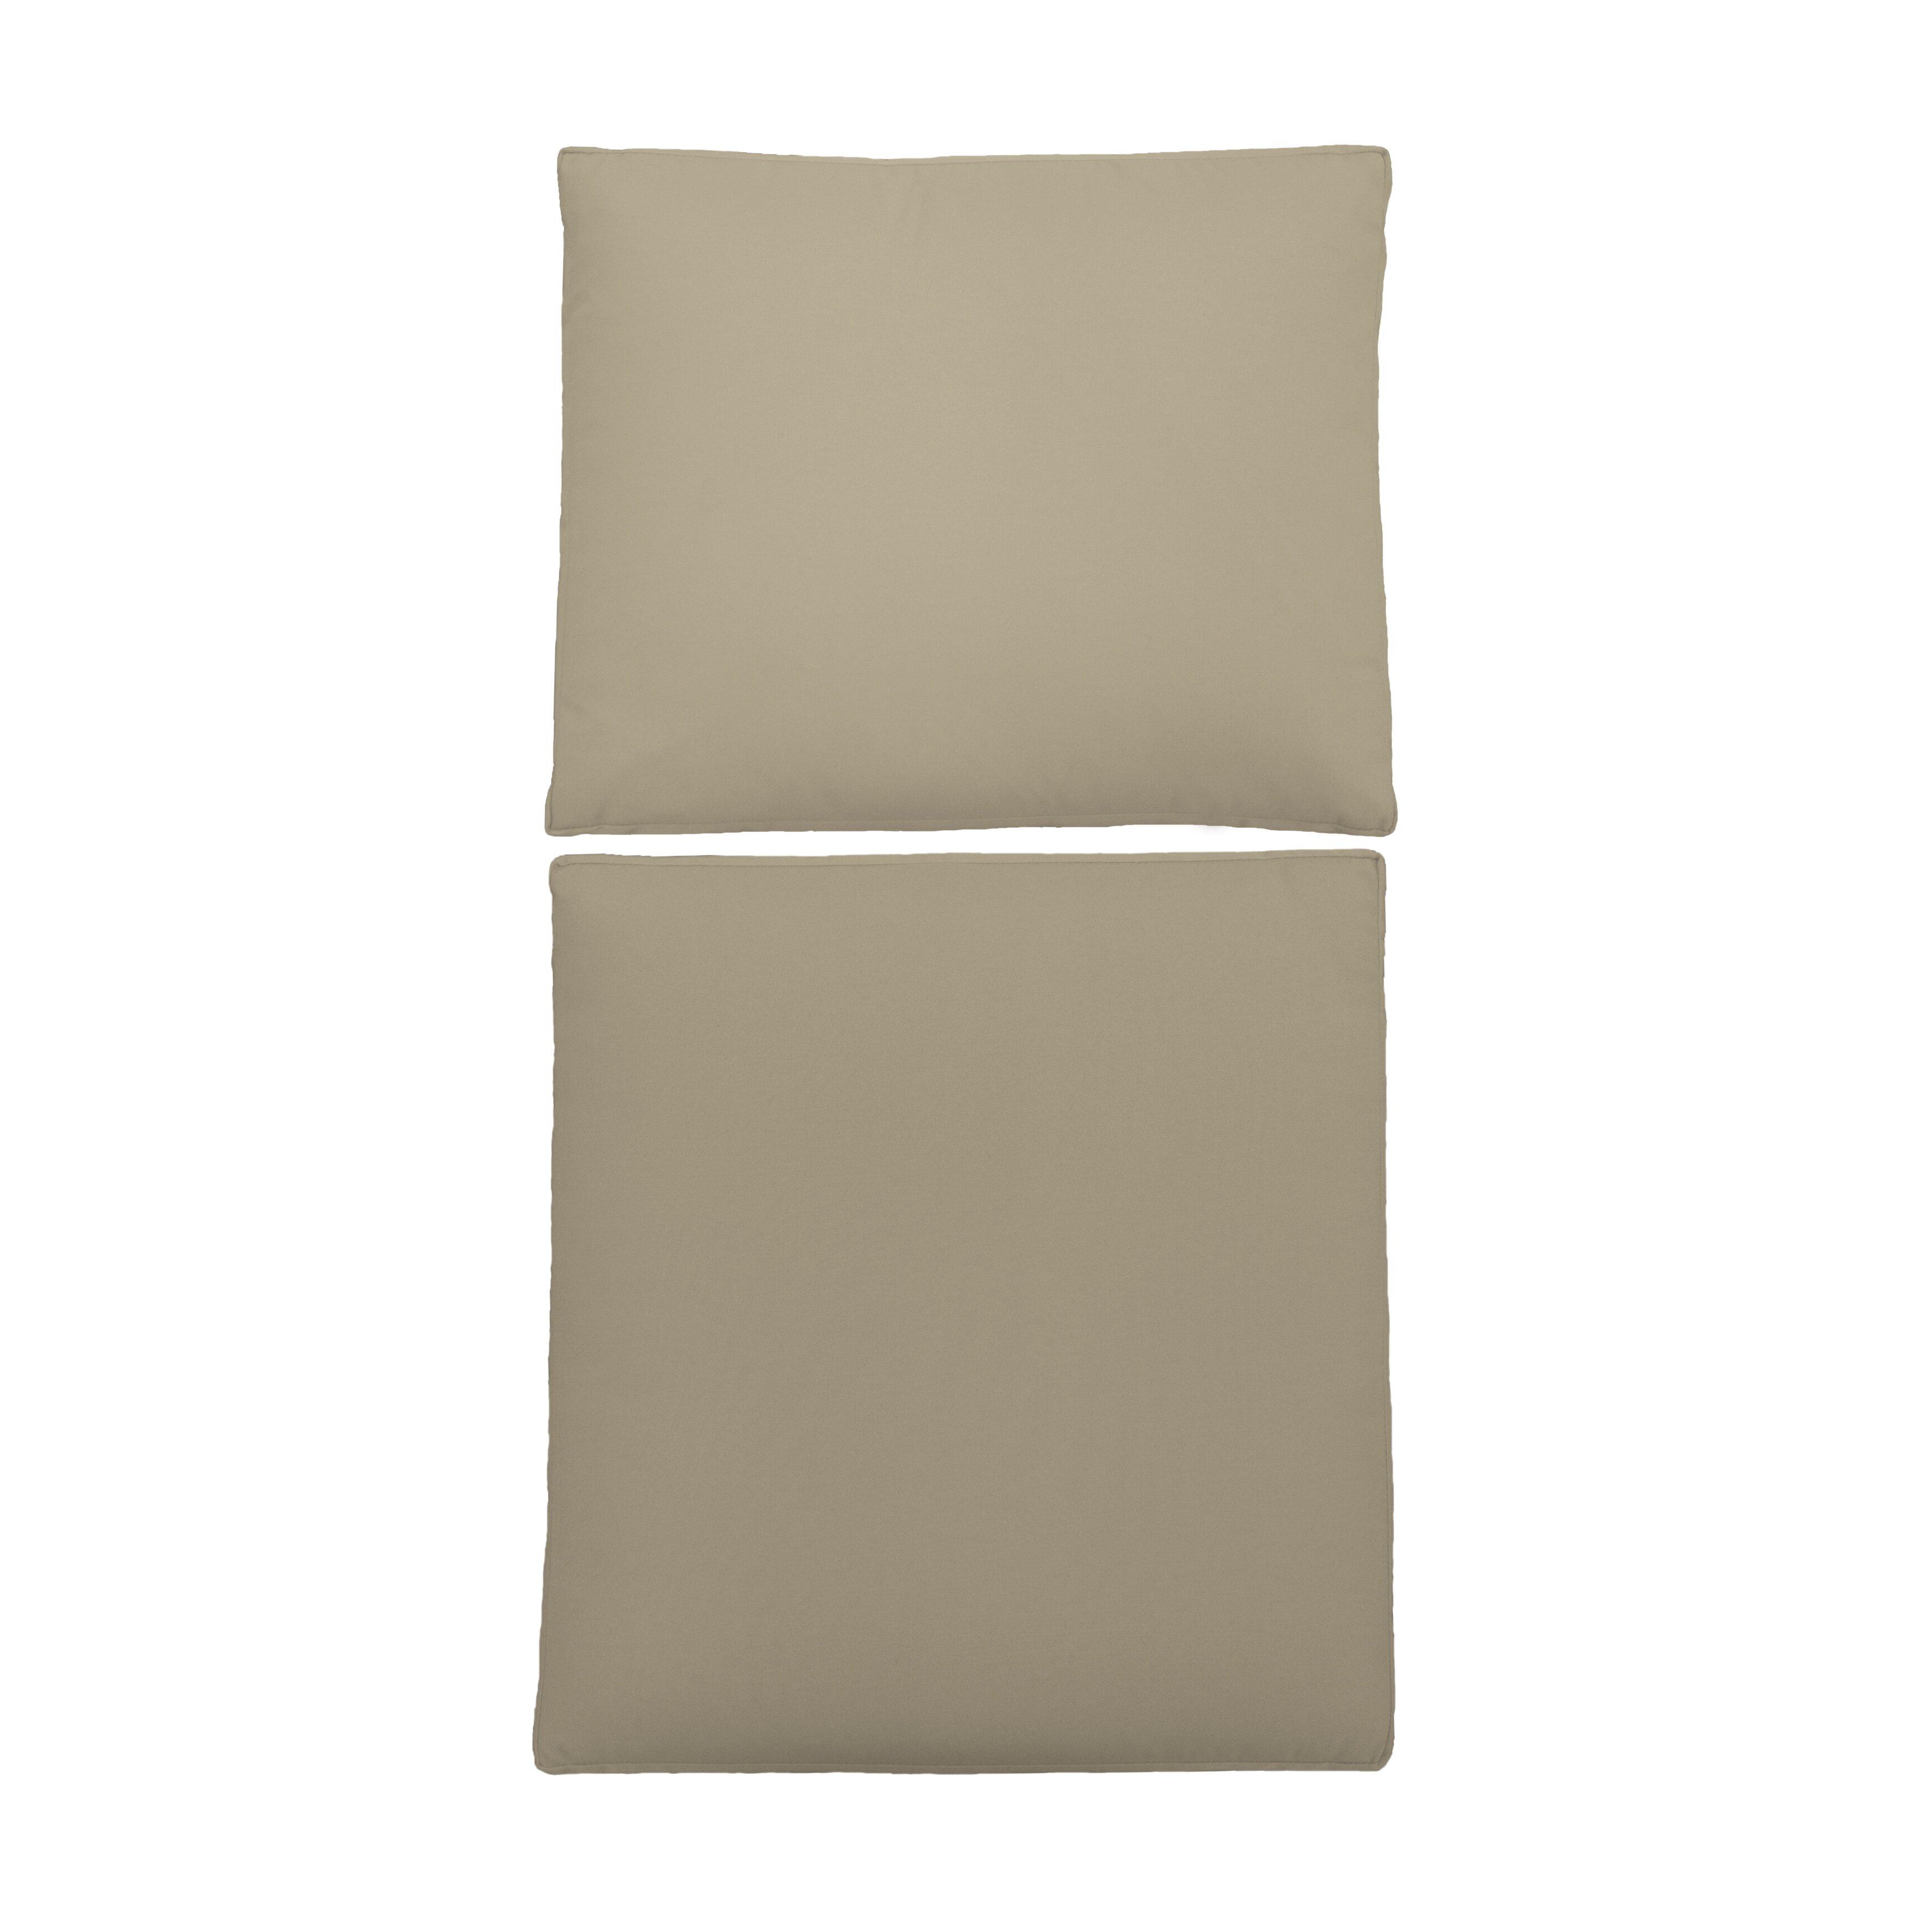 wayfair custom outdoor cushions knife edge outdoor sunbrella deep